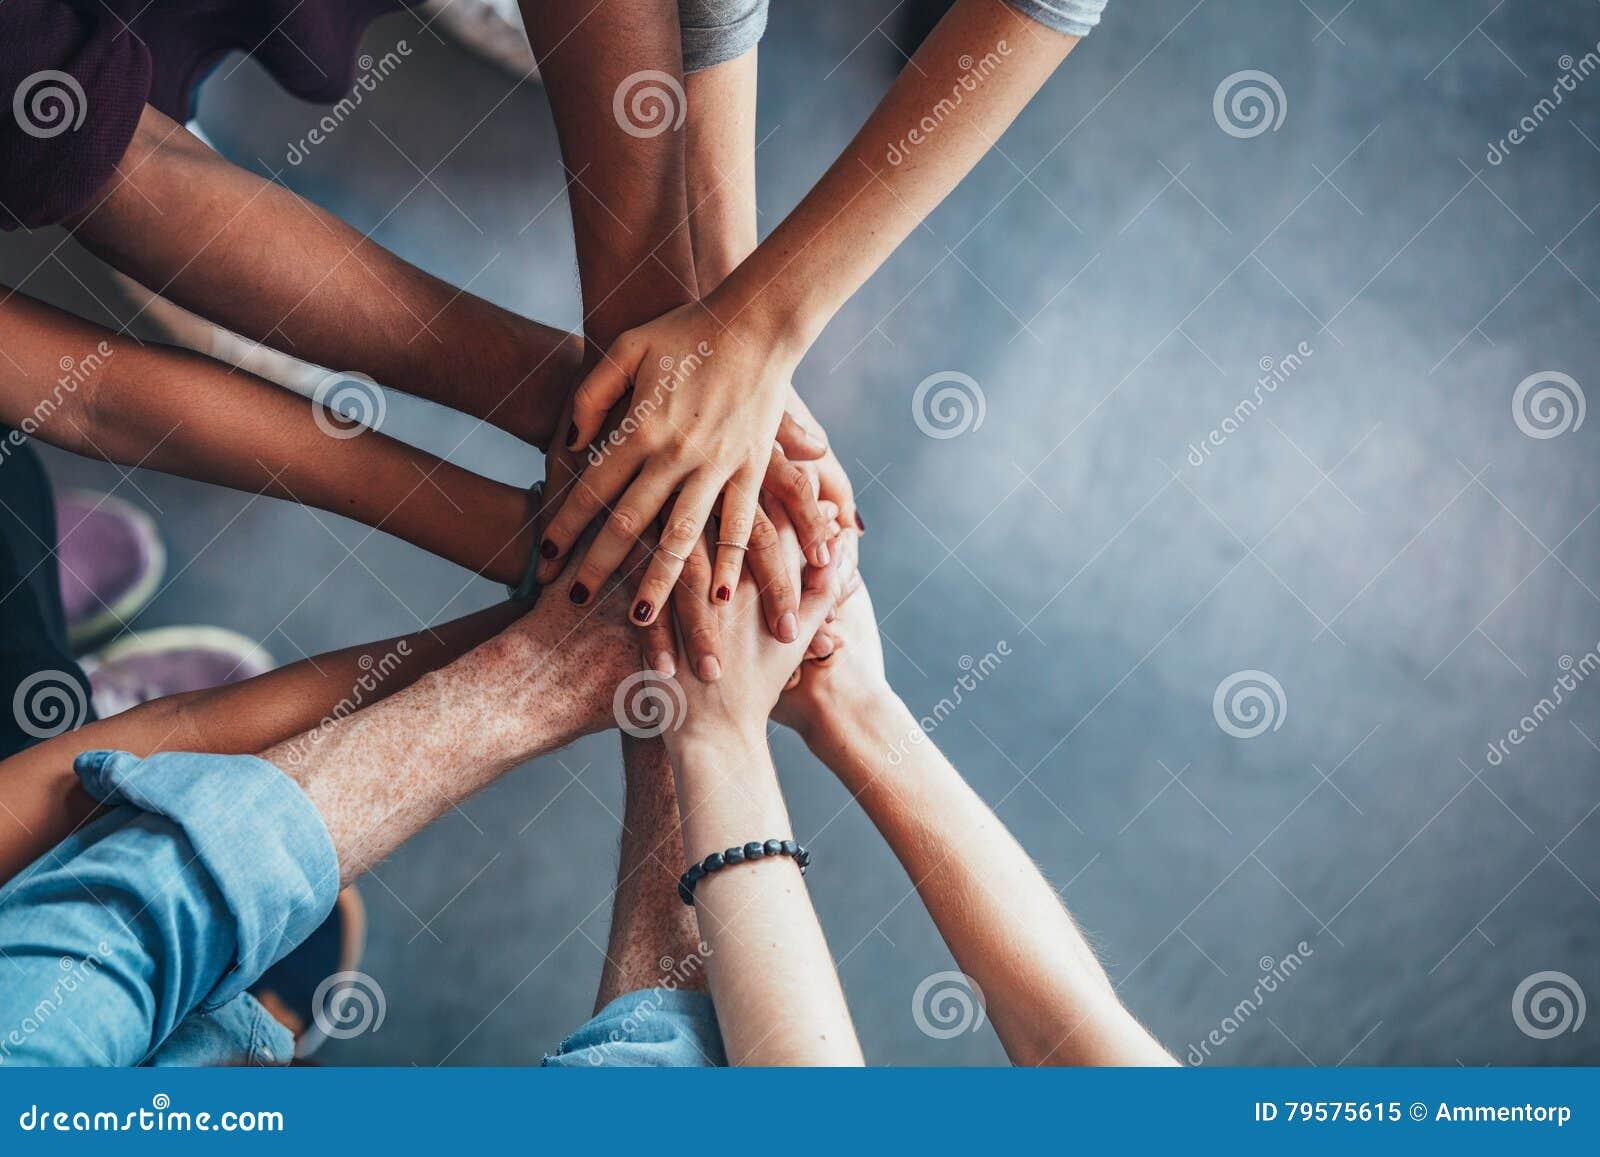 Stapel handen die eenheid en groepswerk tonen